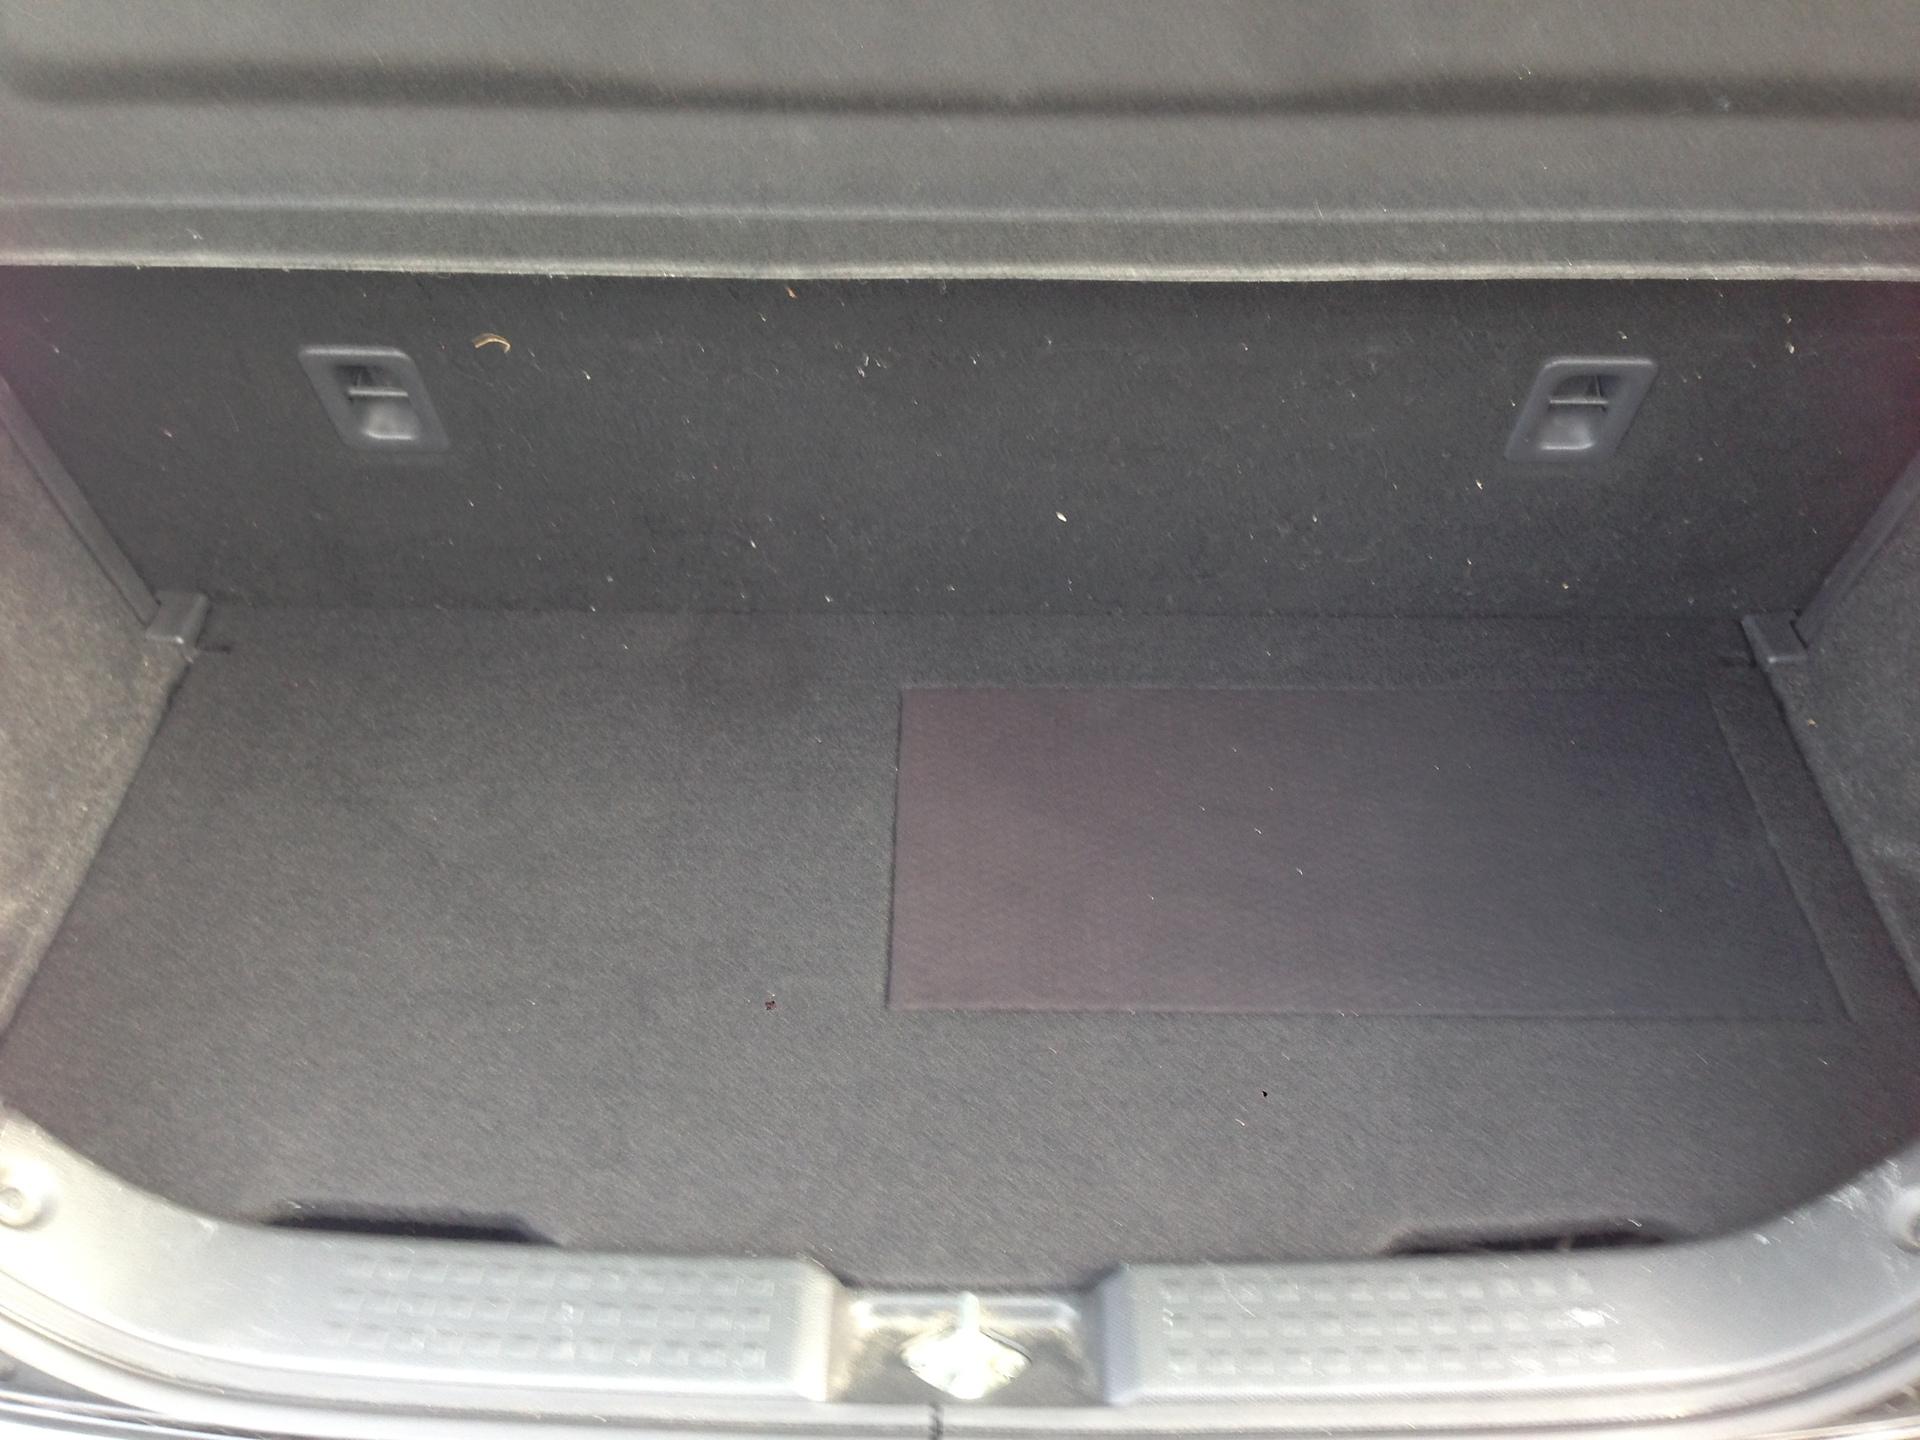 Suzuki Swift Kofferraum Abdeckung